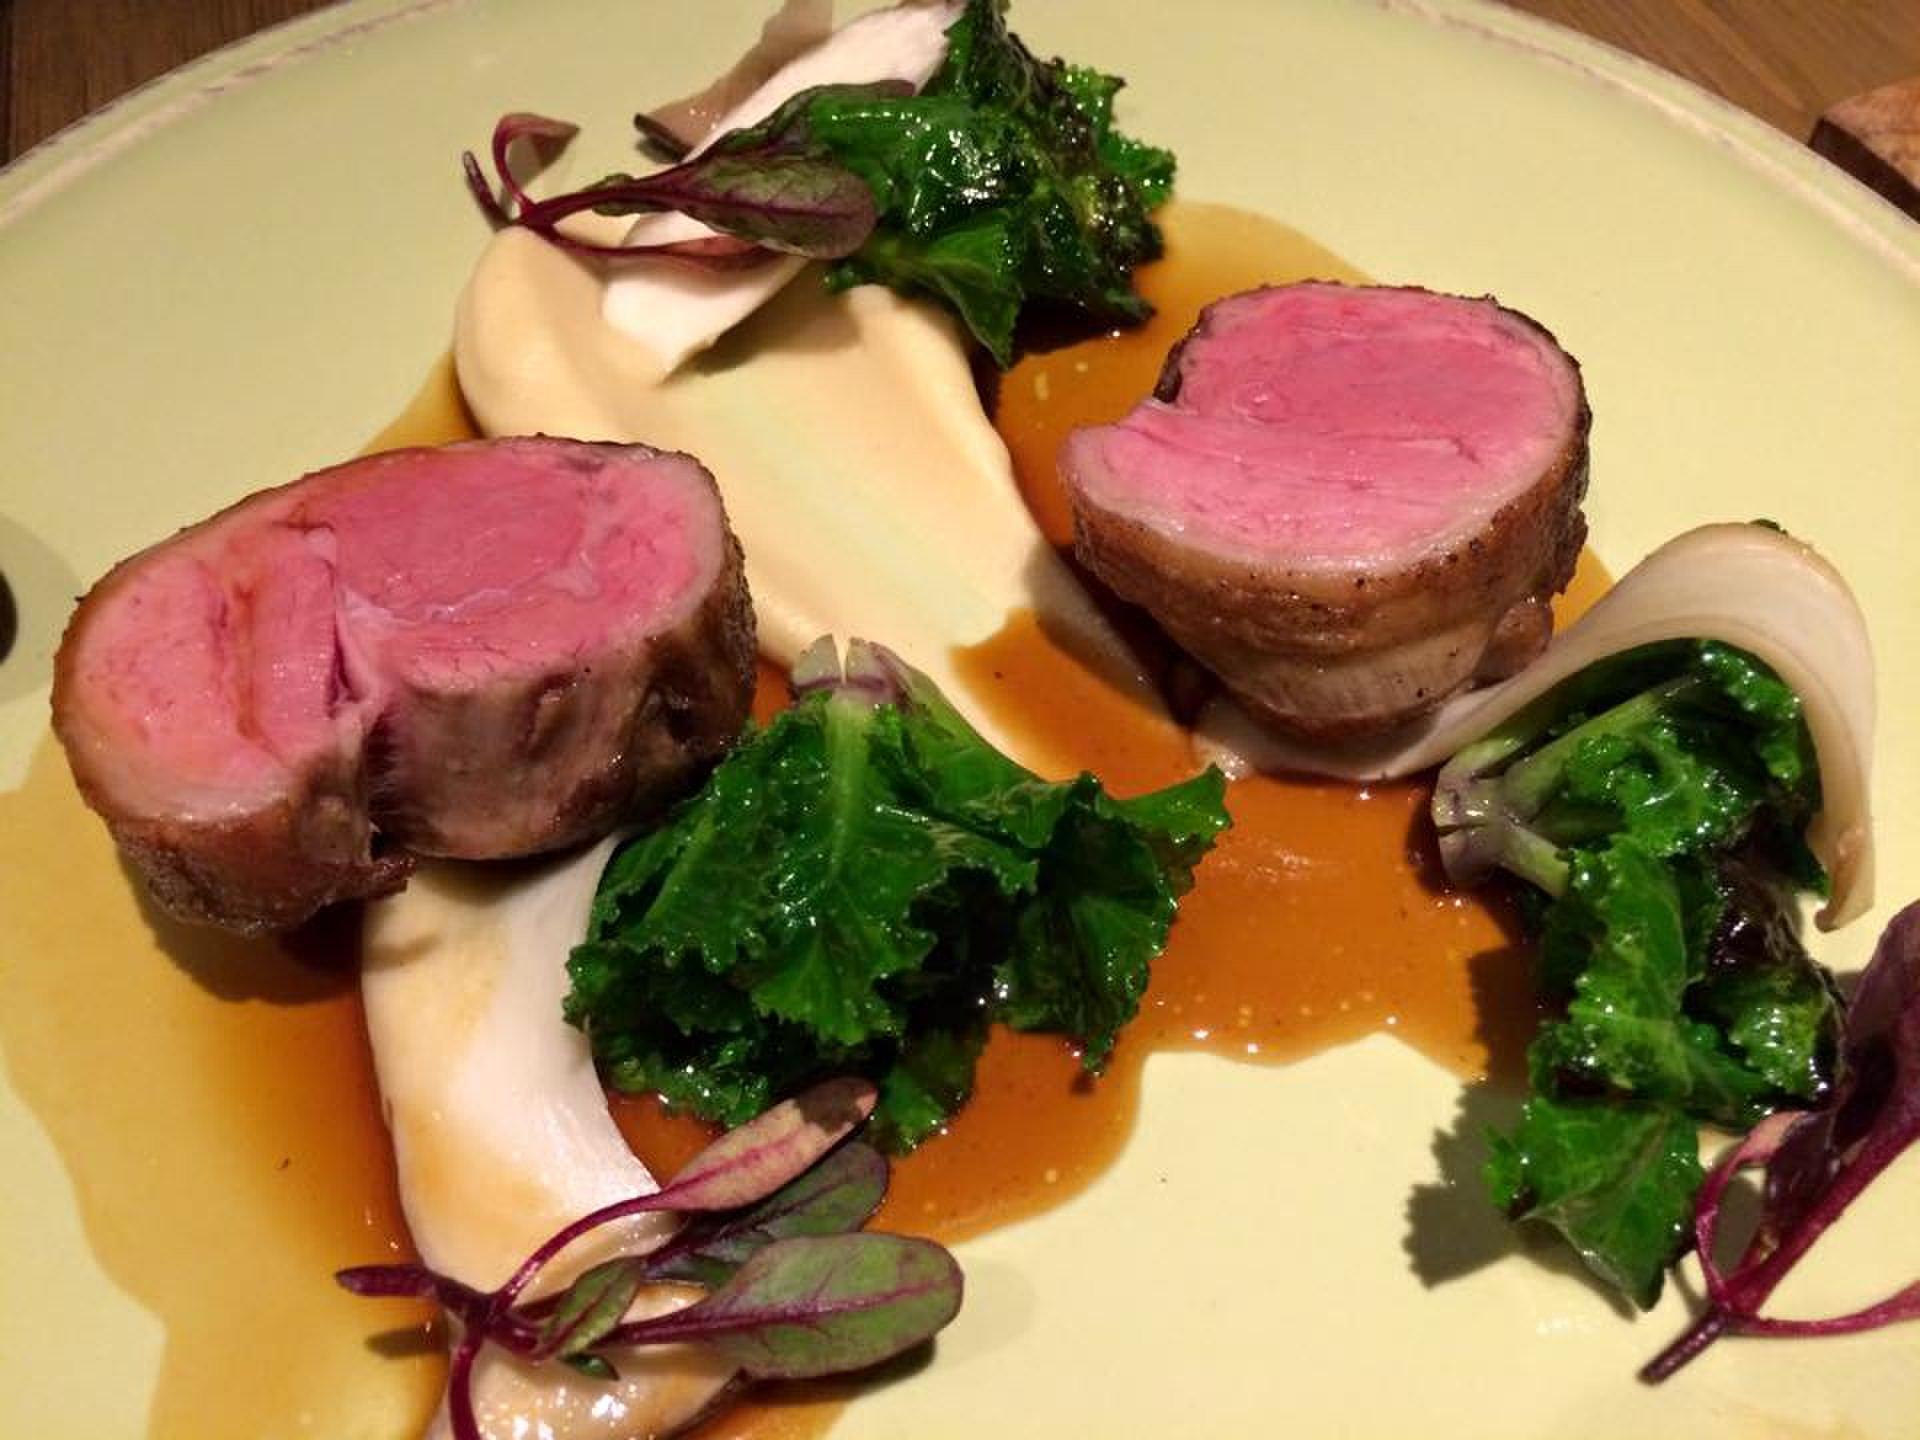 【銀座キラリトギンザ】雰囲気抜群なレストランでオーガニック料理を頂く。デートに最高なロケーション♪